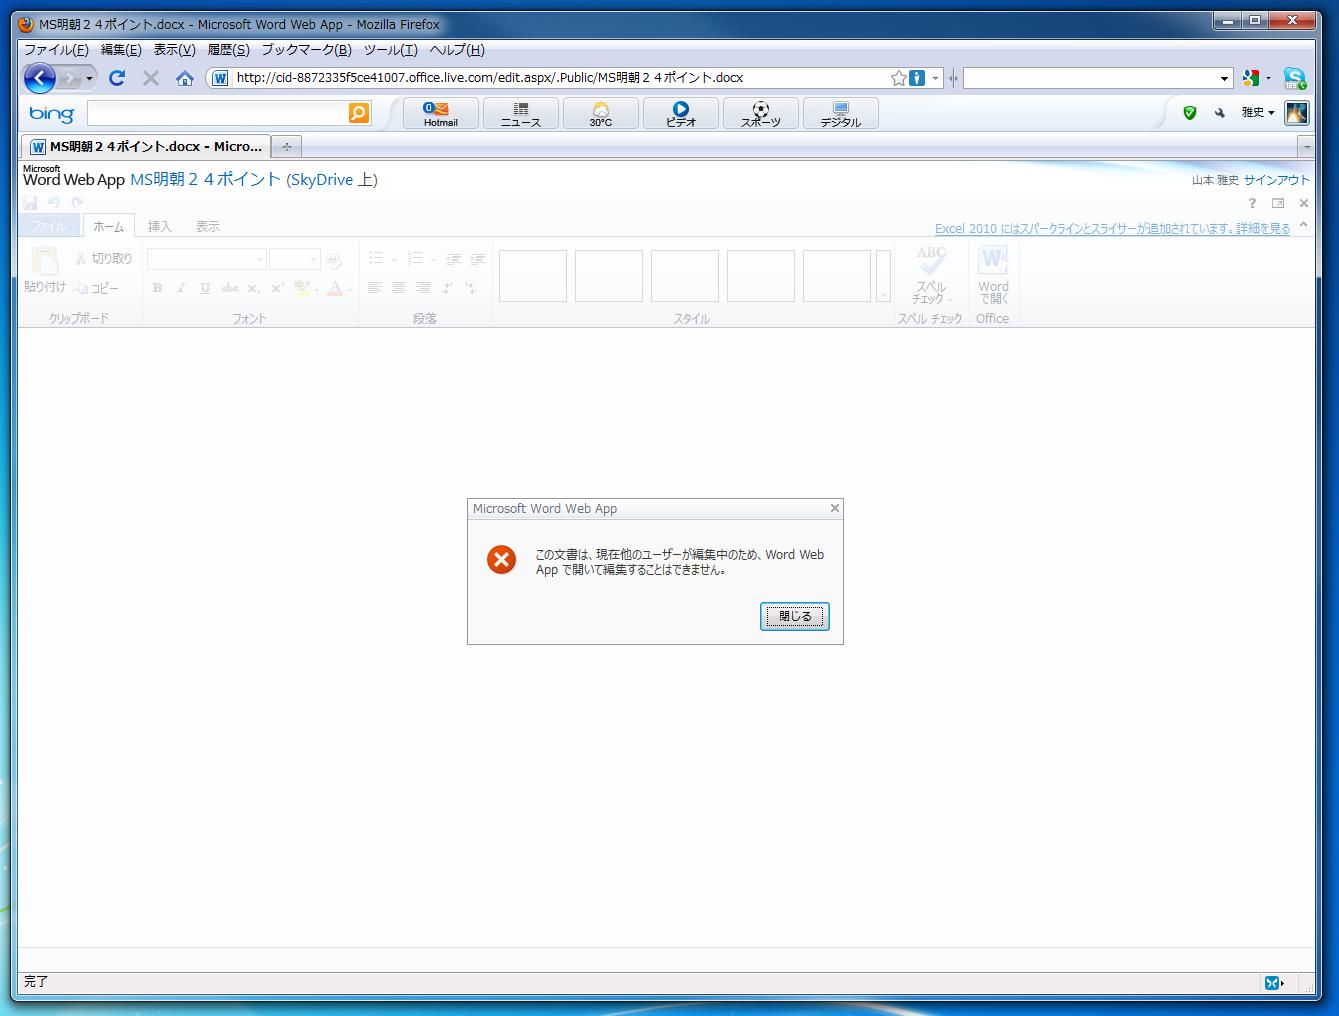 別のユーザーが同じ文書にアクセスすると、きちんと文書の排他制御が行われている。このため、後からアクセスしたユーザーは、文書を開くことが出来ない